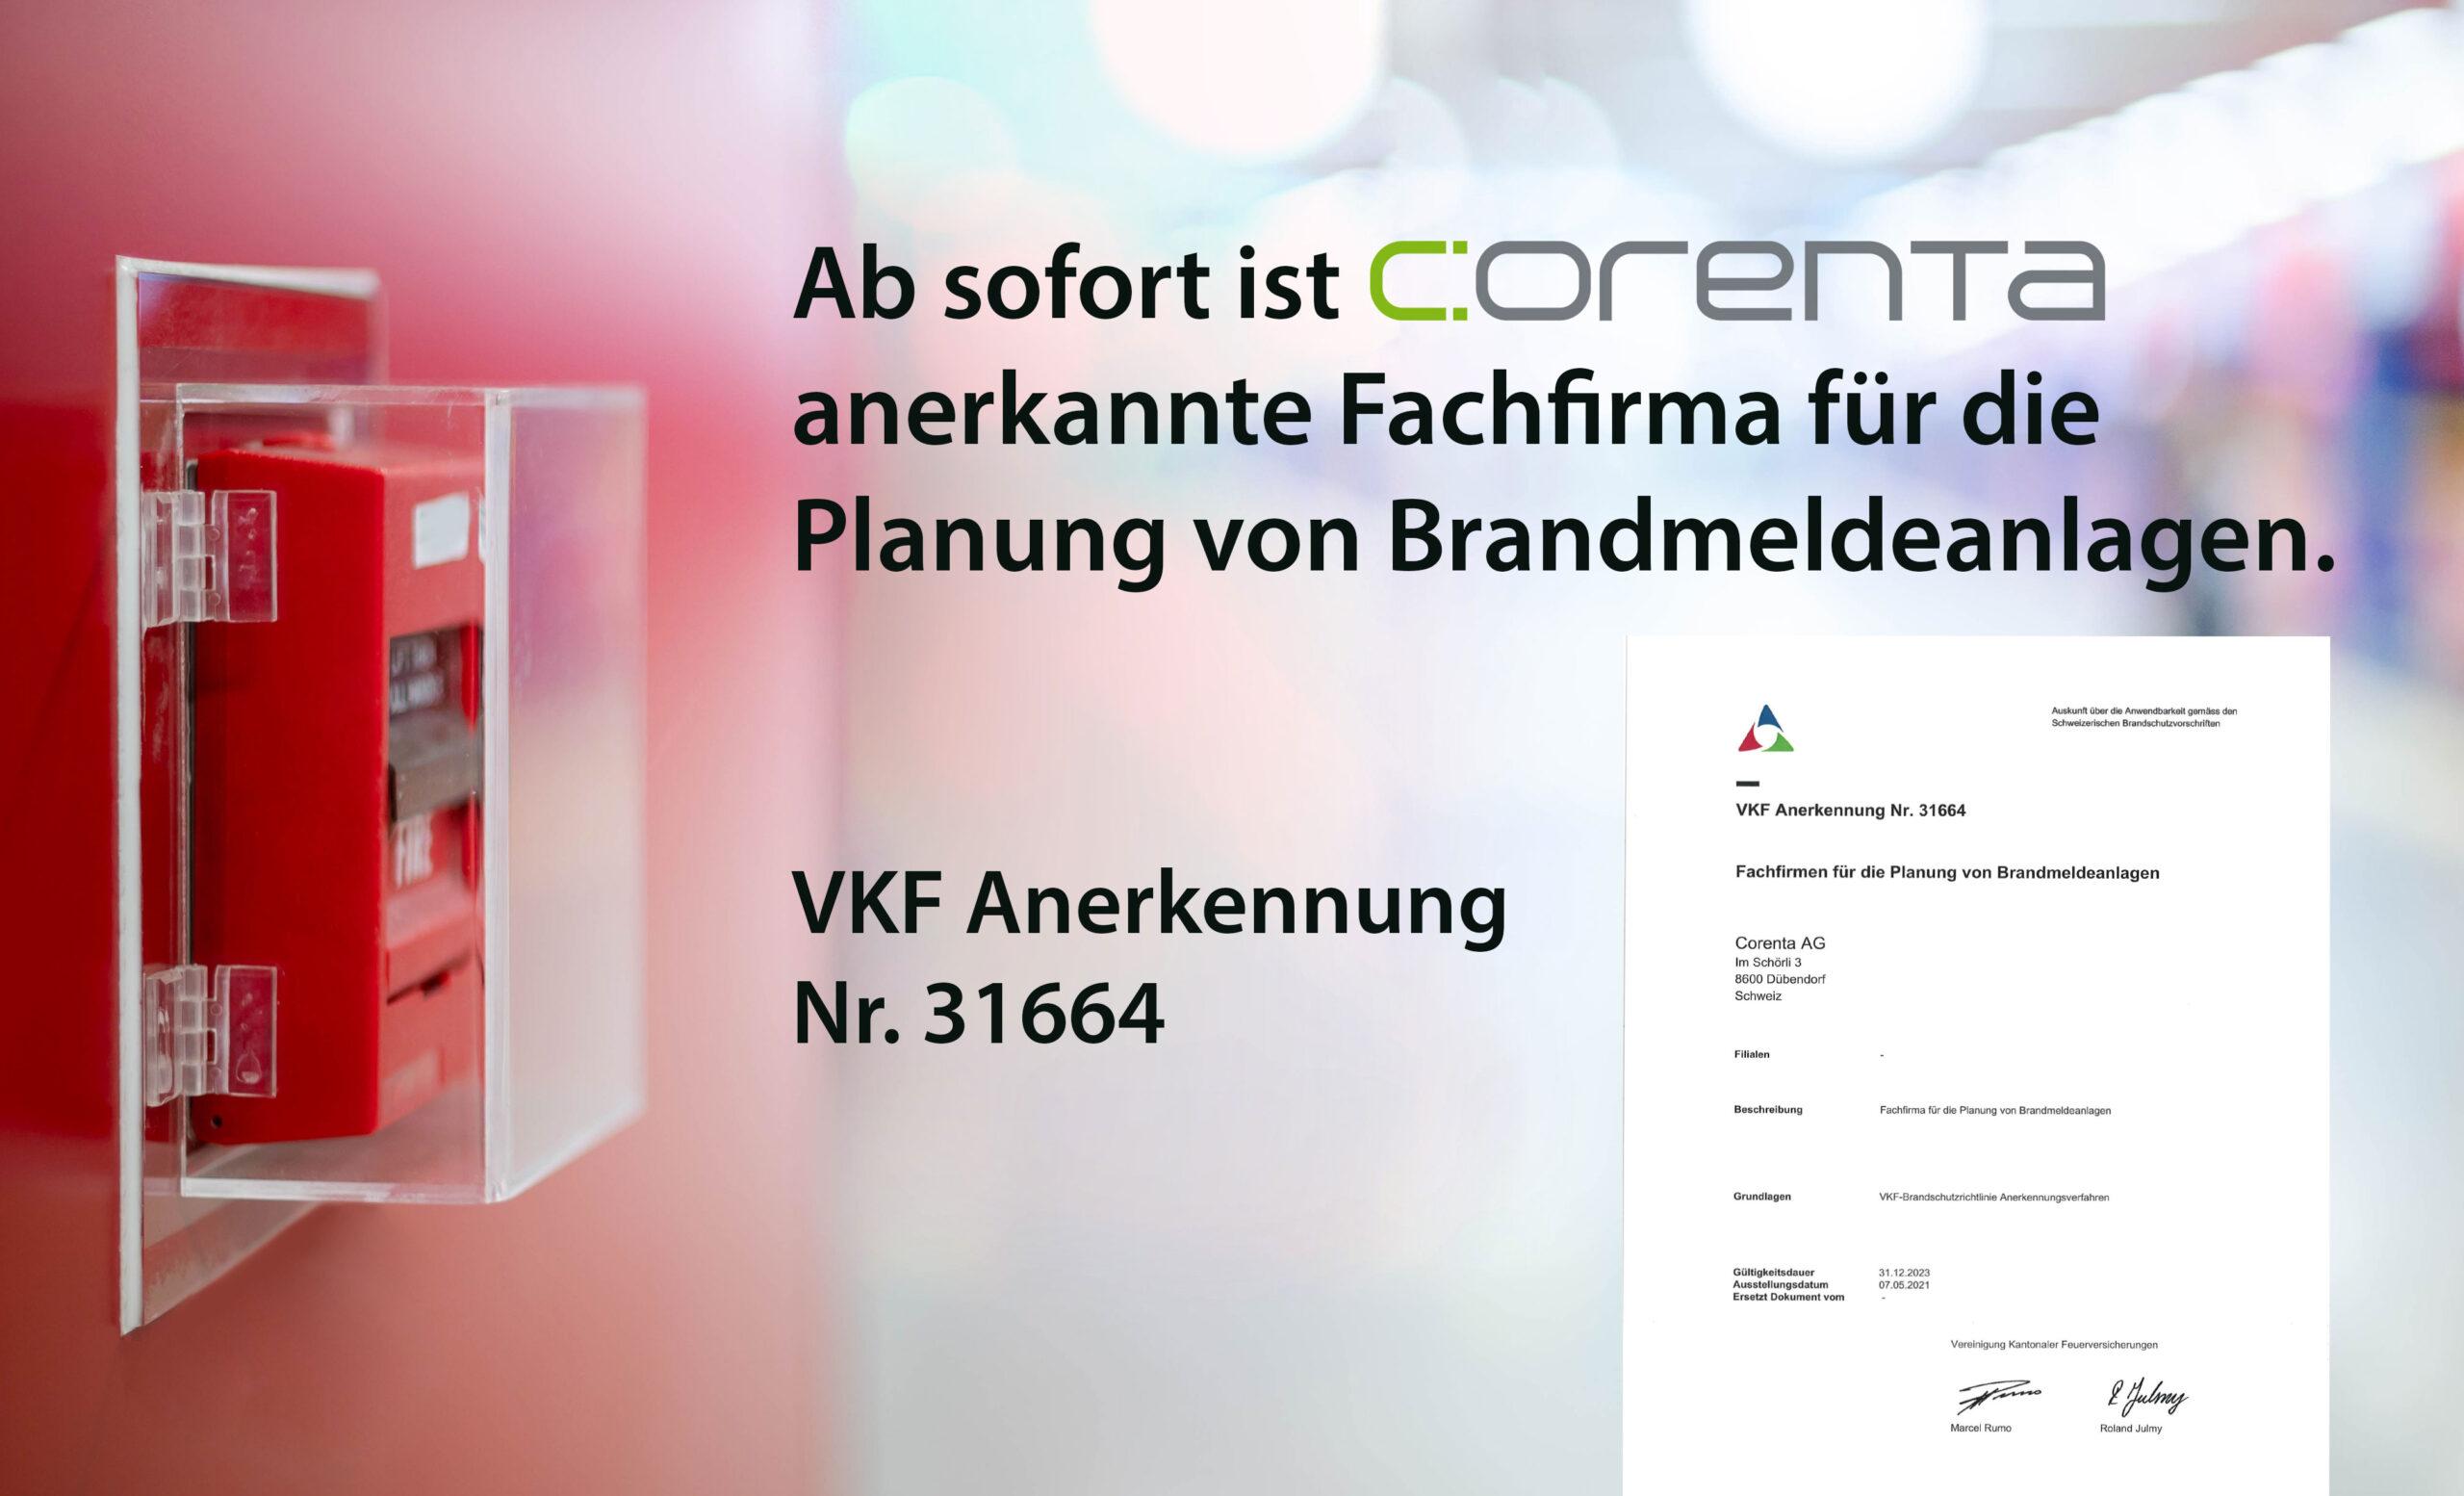 Anerkannt und bei der VKF registriert